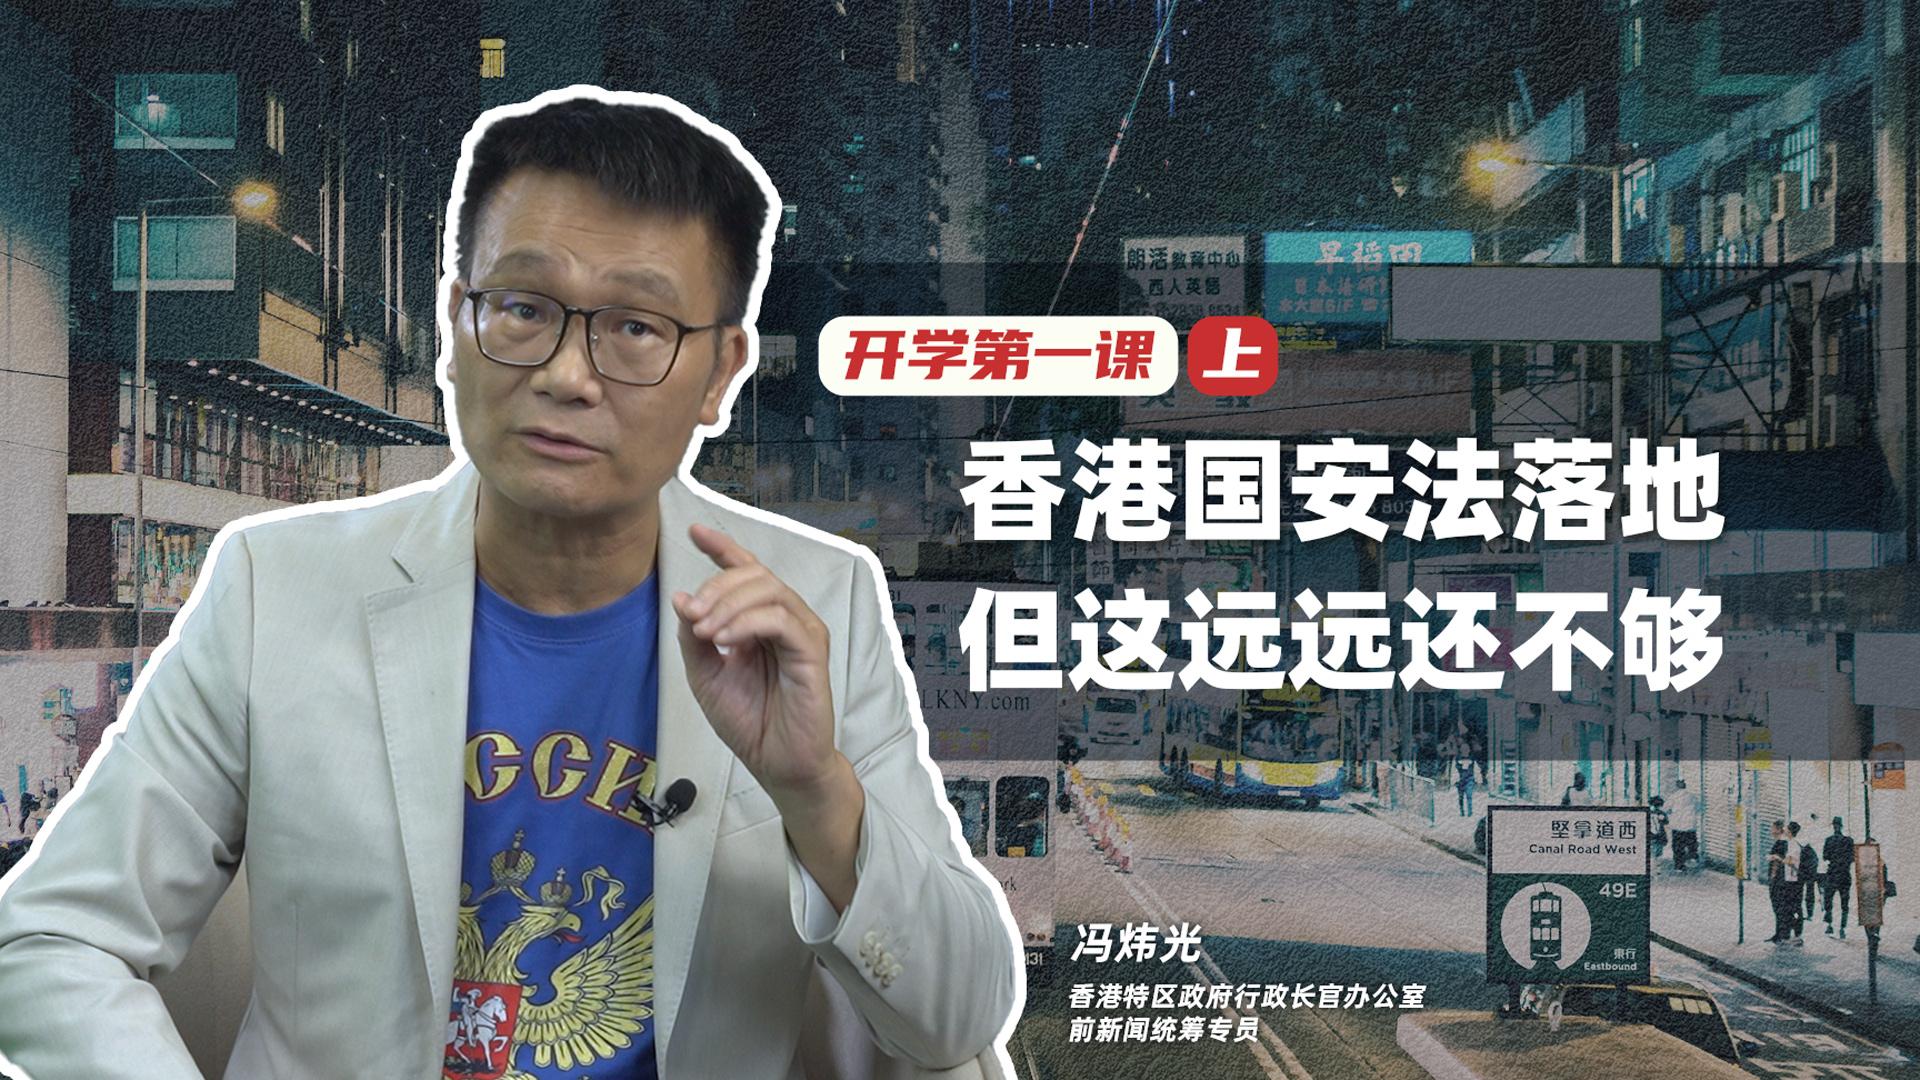 香港长期缺少治理,为什么只有国安法是不够的?